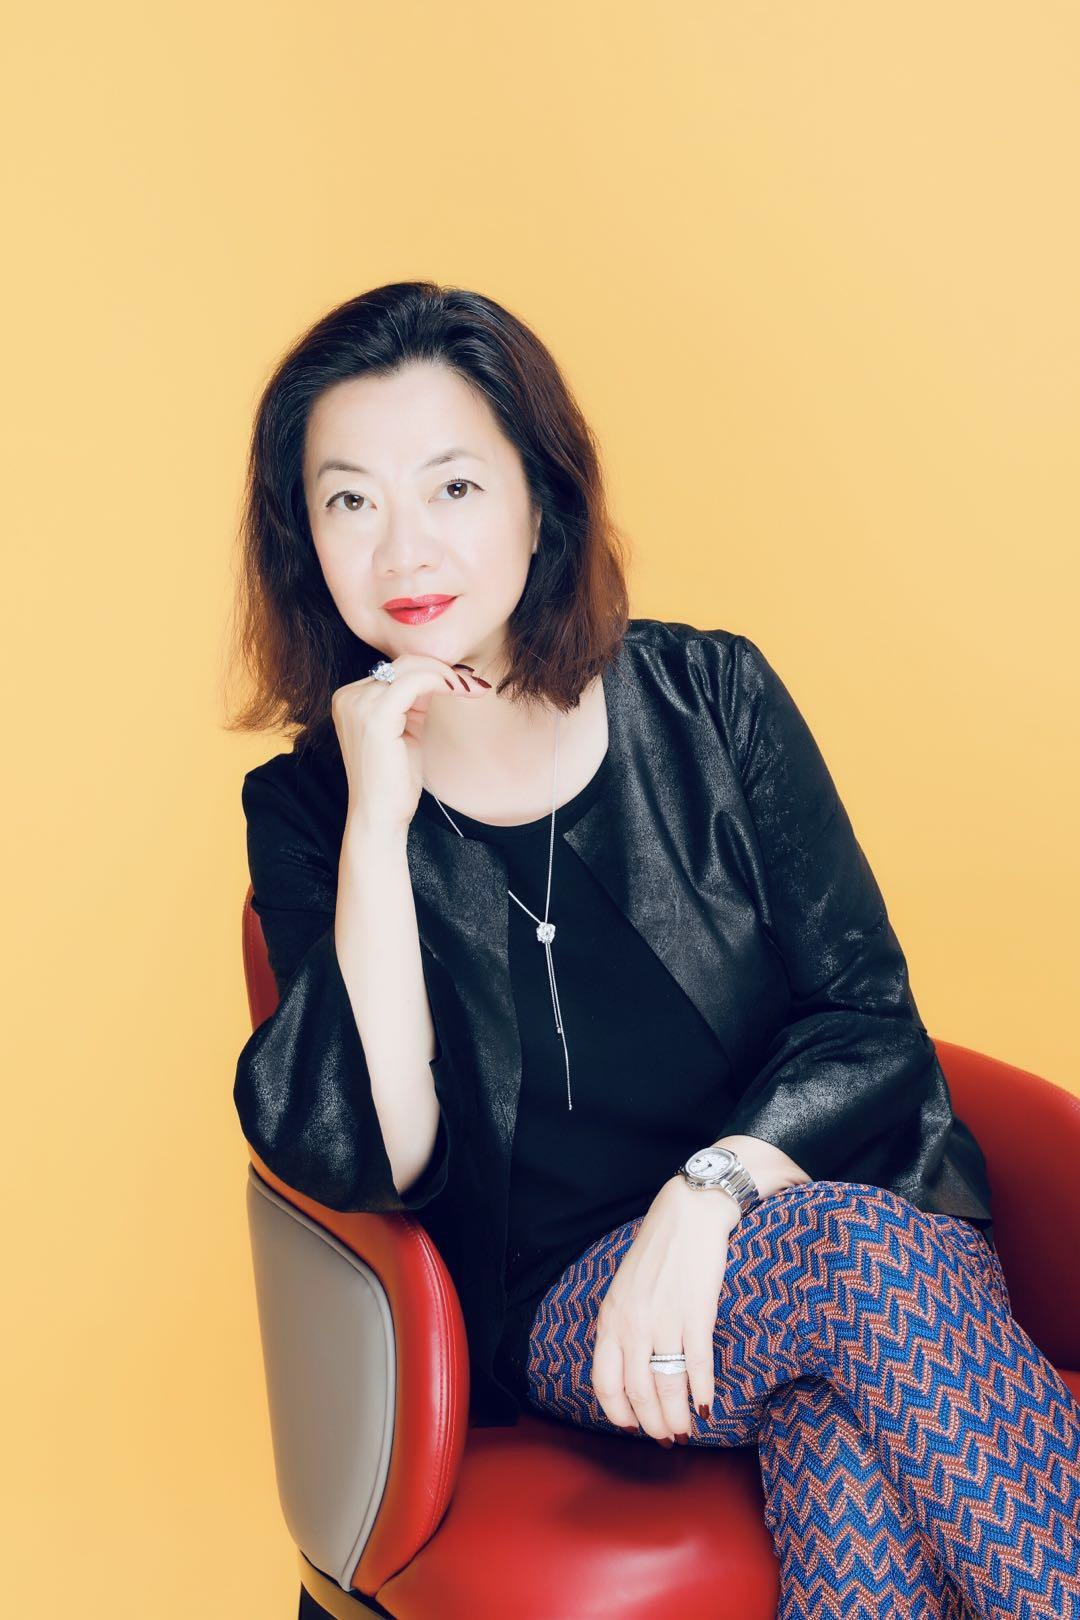 Zuhui Mao